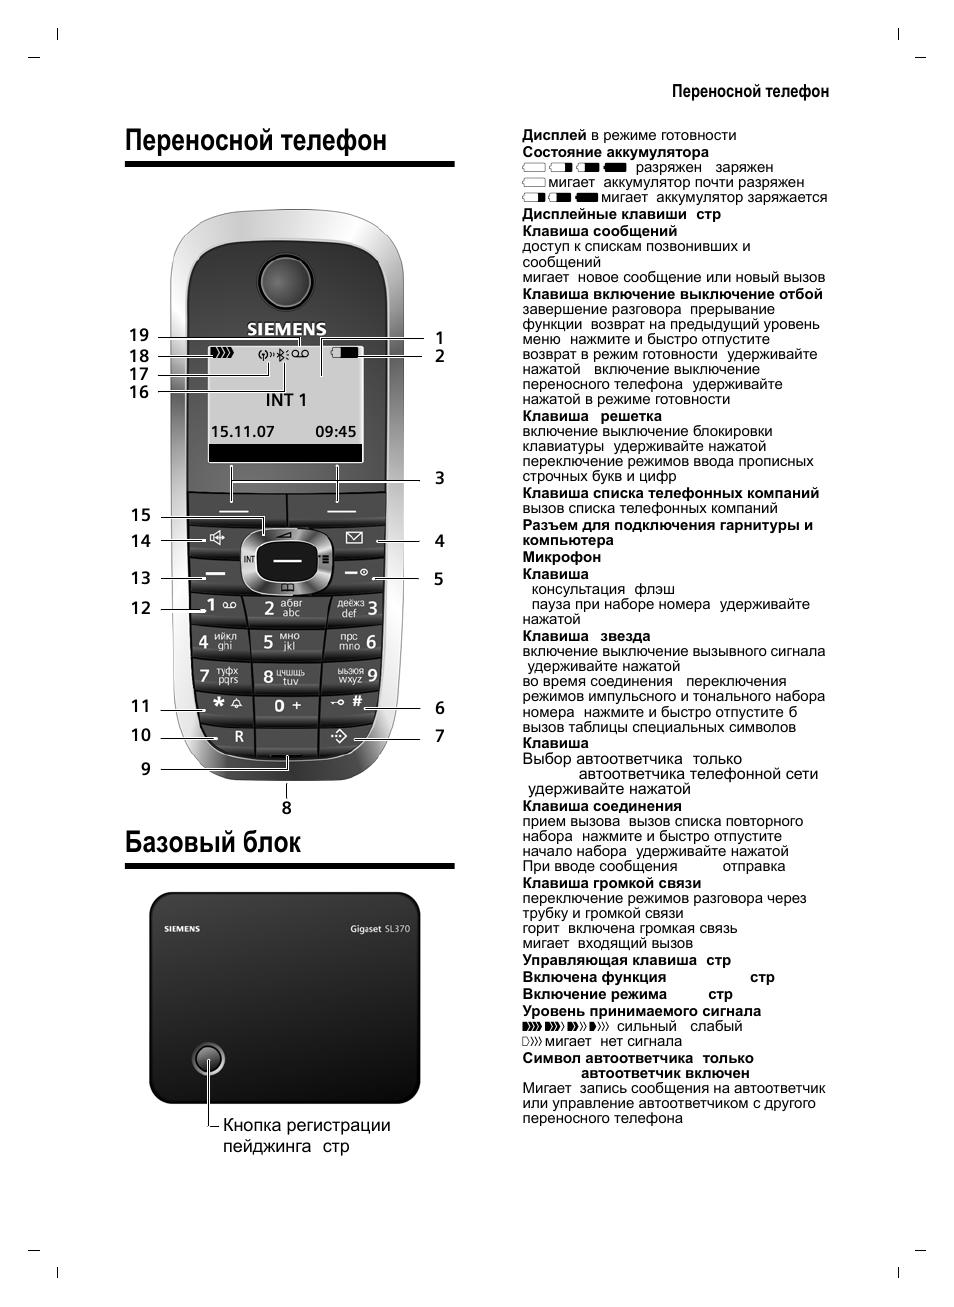 Инструкция по эксплуатации телефону siemens